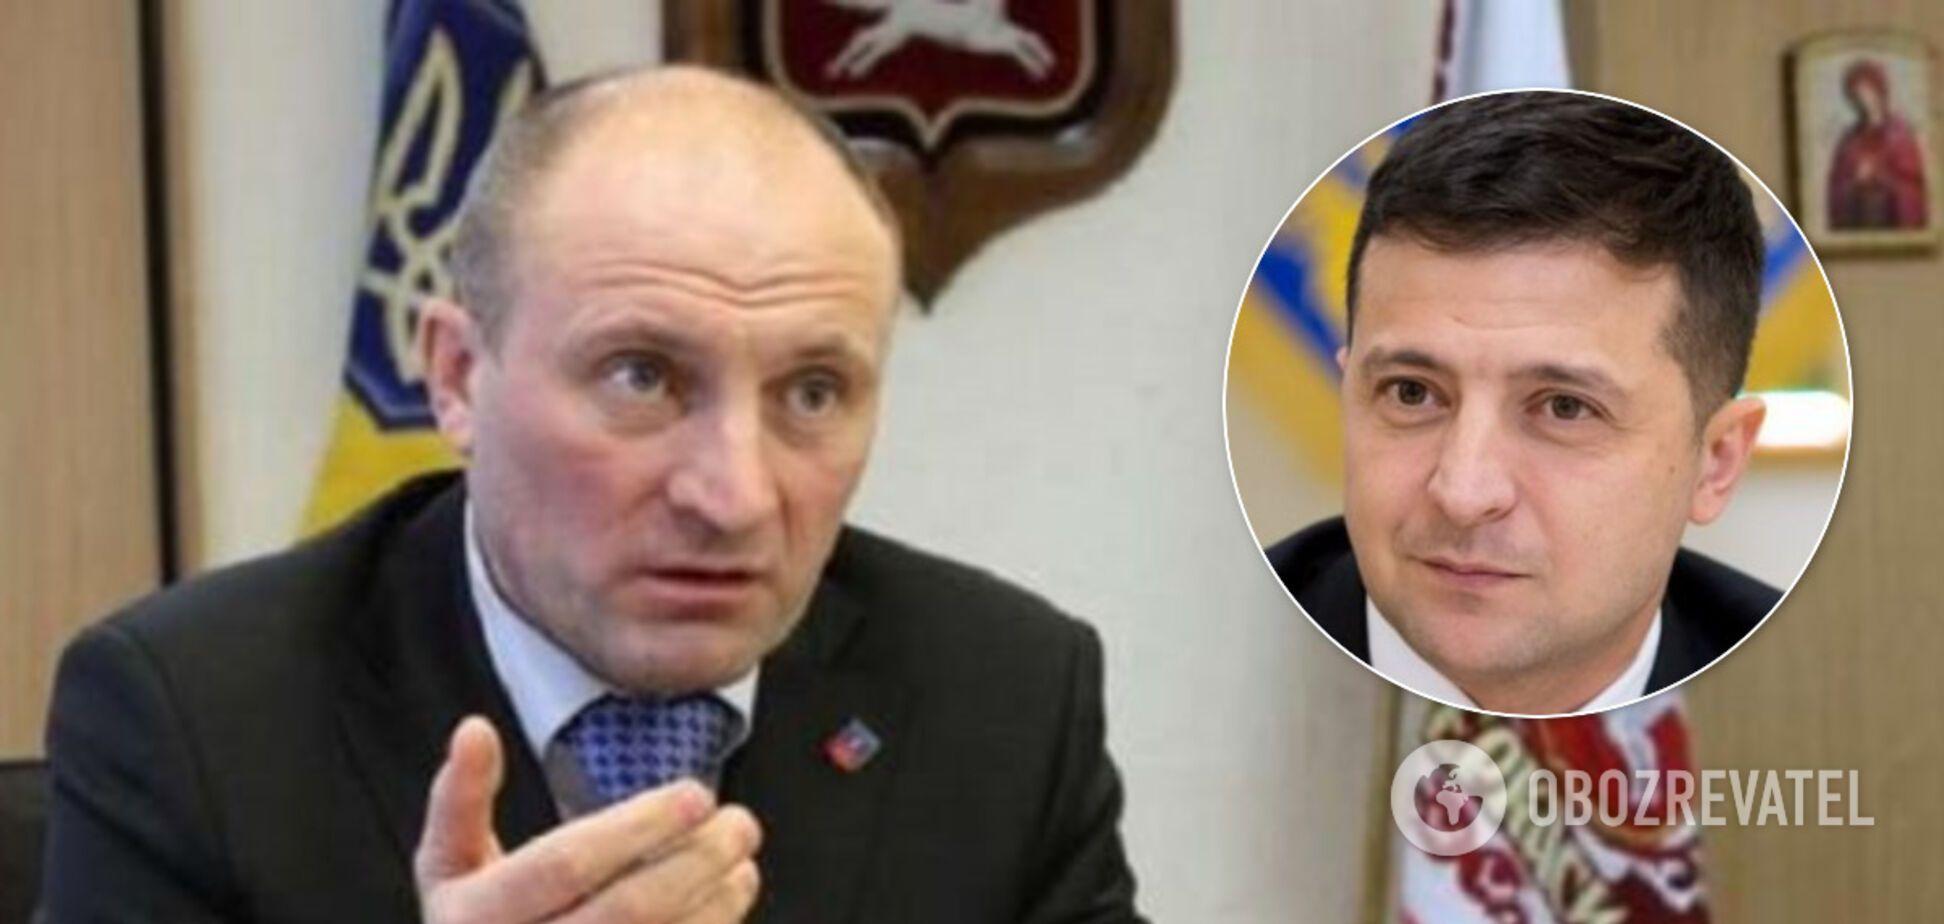 Зеленський назвав мера Черкас 'бандитом': той влаштував 'розбірки'